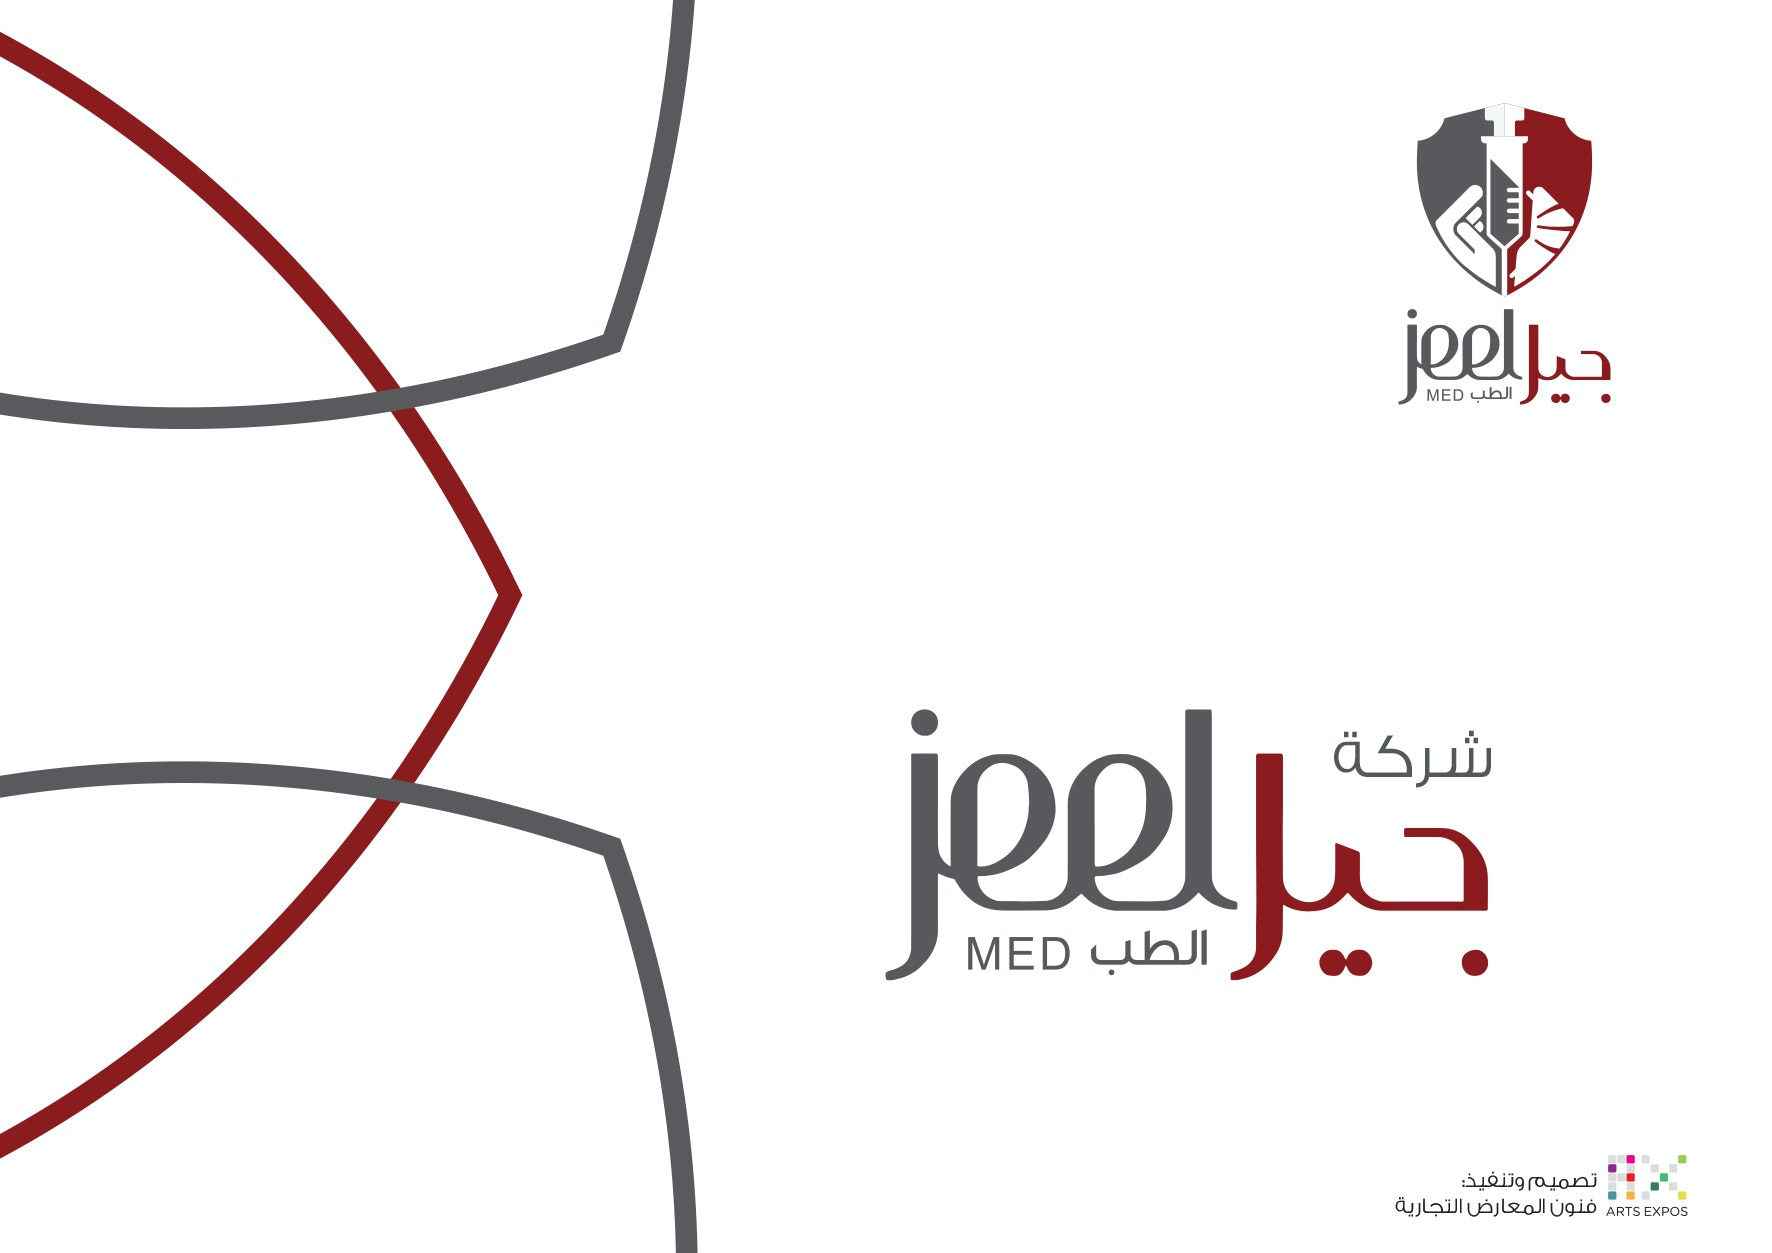 Jeel Med.Co.